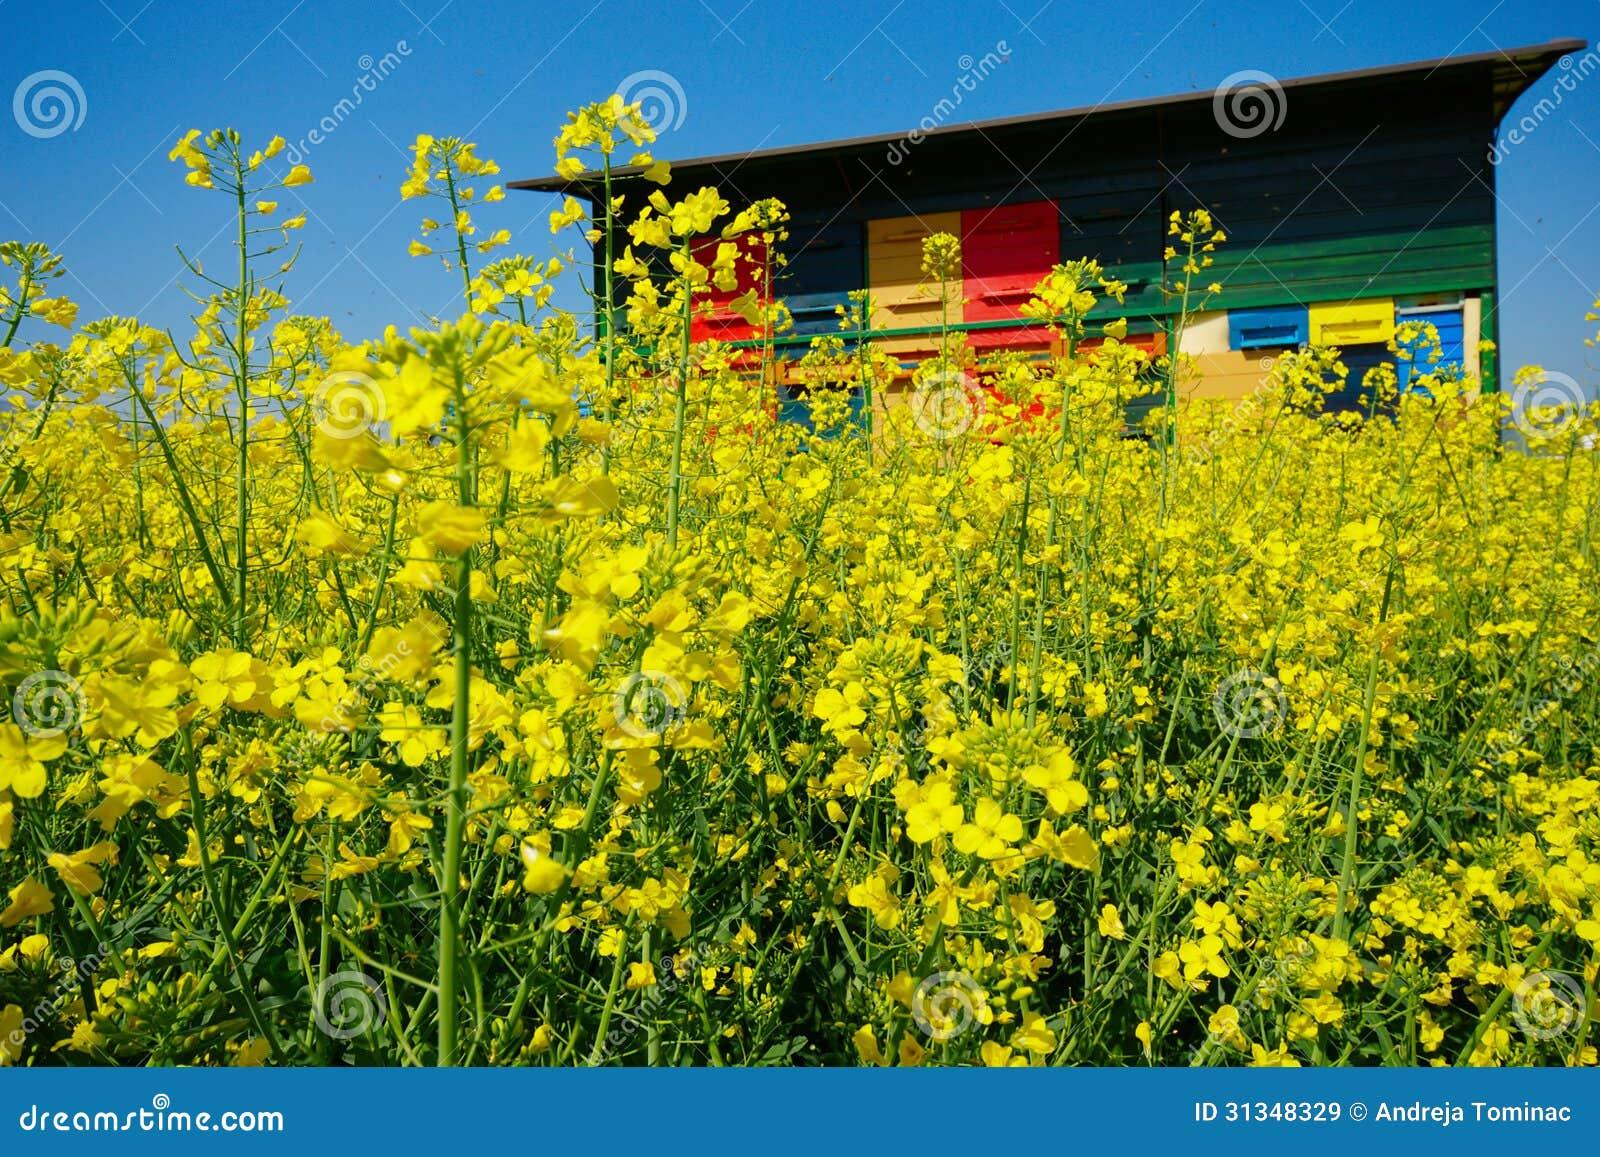 Bienenhaus und Canola